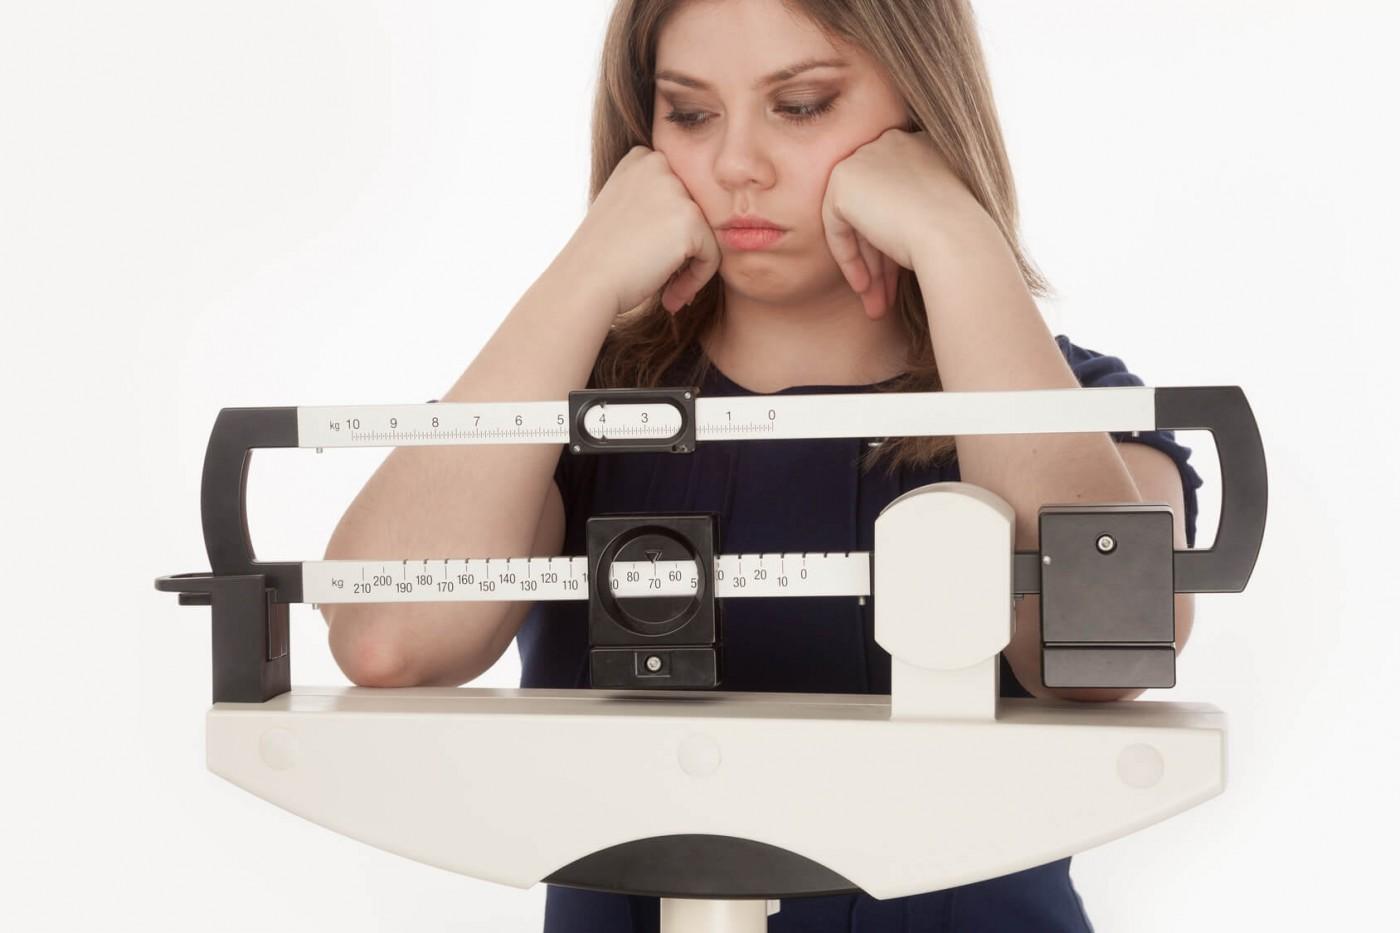 Планирование беременности при метаболическом синдроме и сахарном диабете